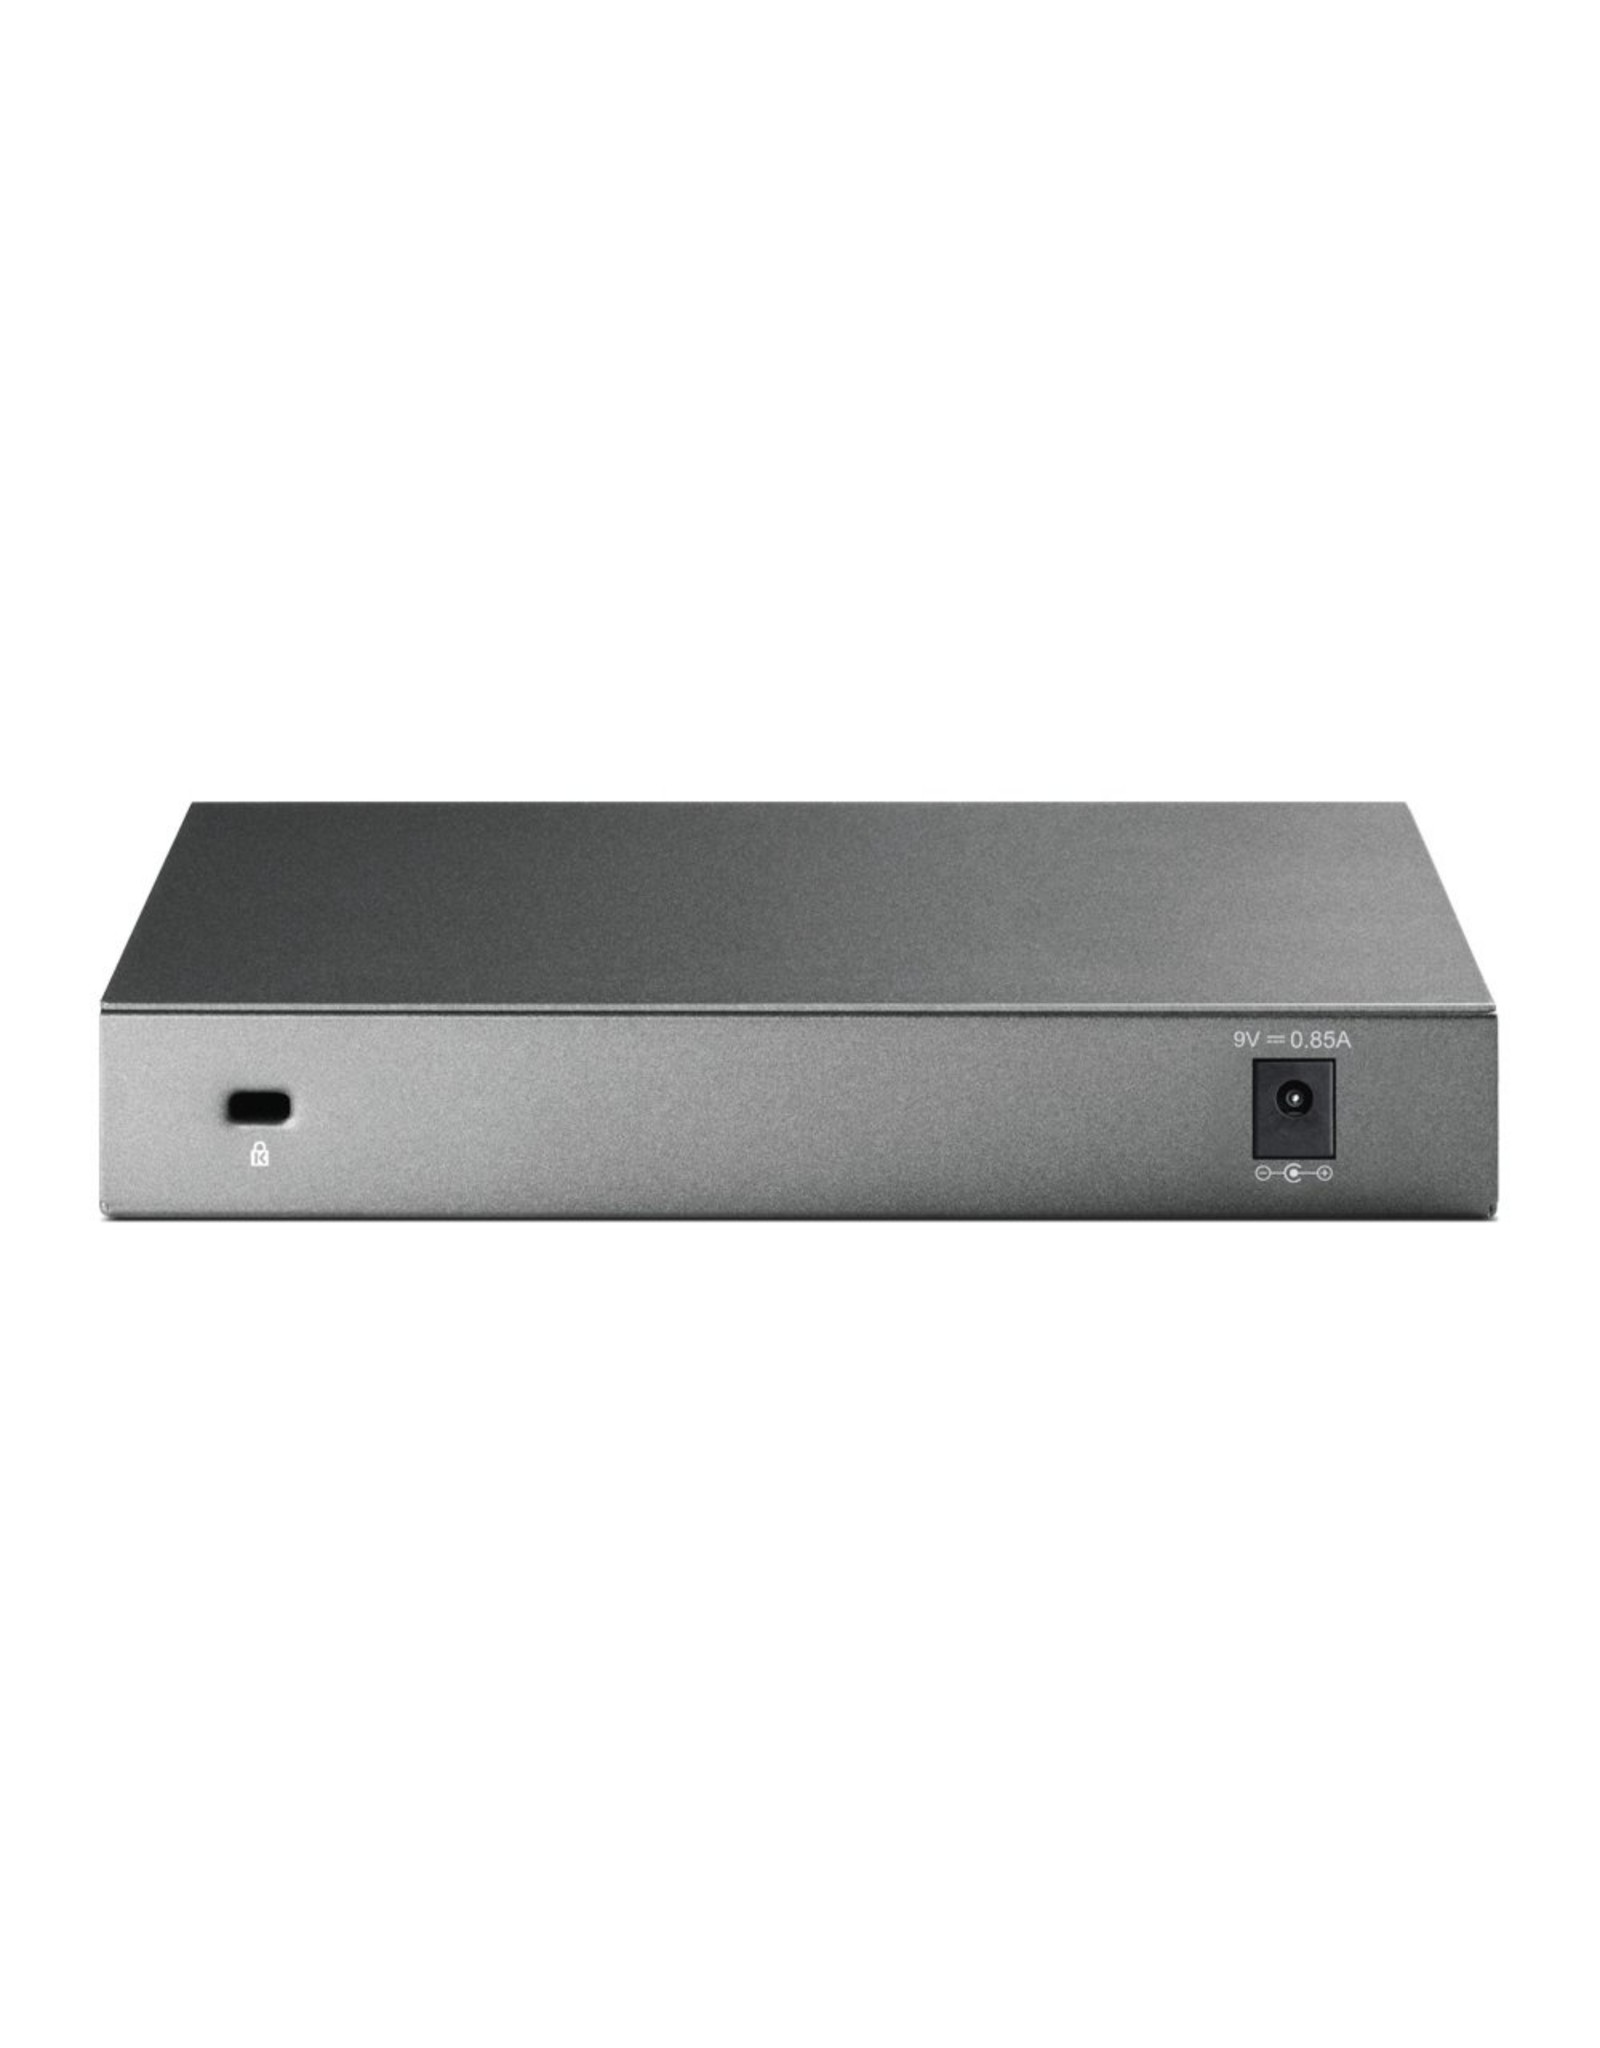 TP-Link TP-LINK TL-R605 bedrade router 10 Gigabit Ethernet, 100 Giga (refurbished)